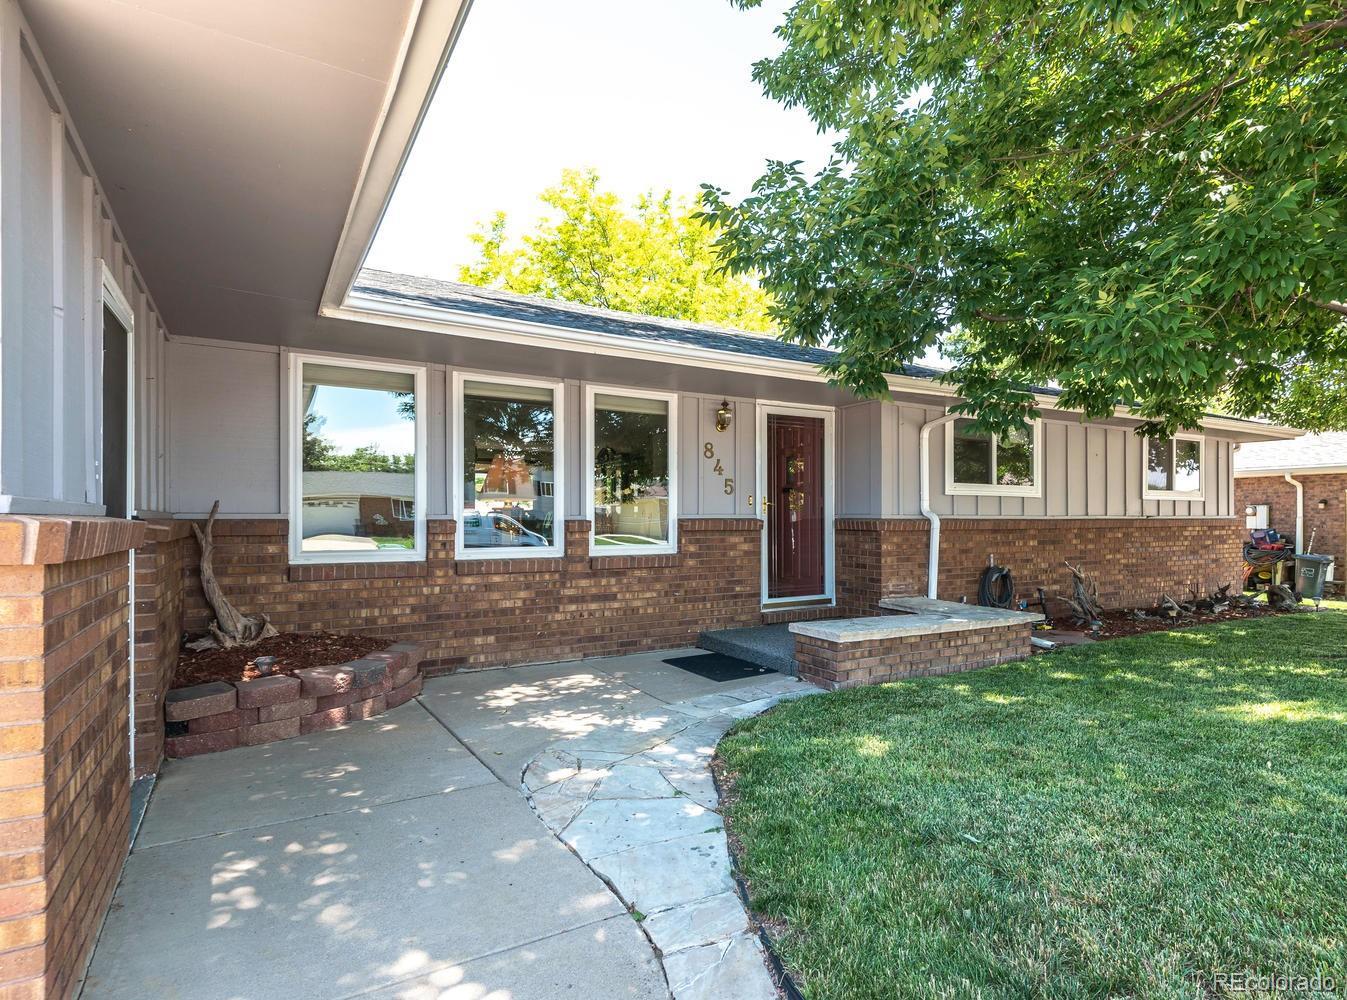 MLS# 9986921 - 3 - 845 White Elm Drive, Loveland, CO 80538